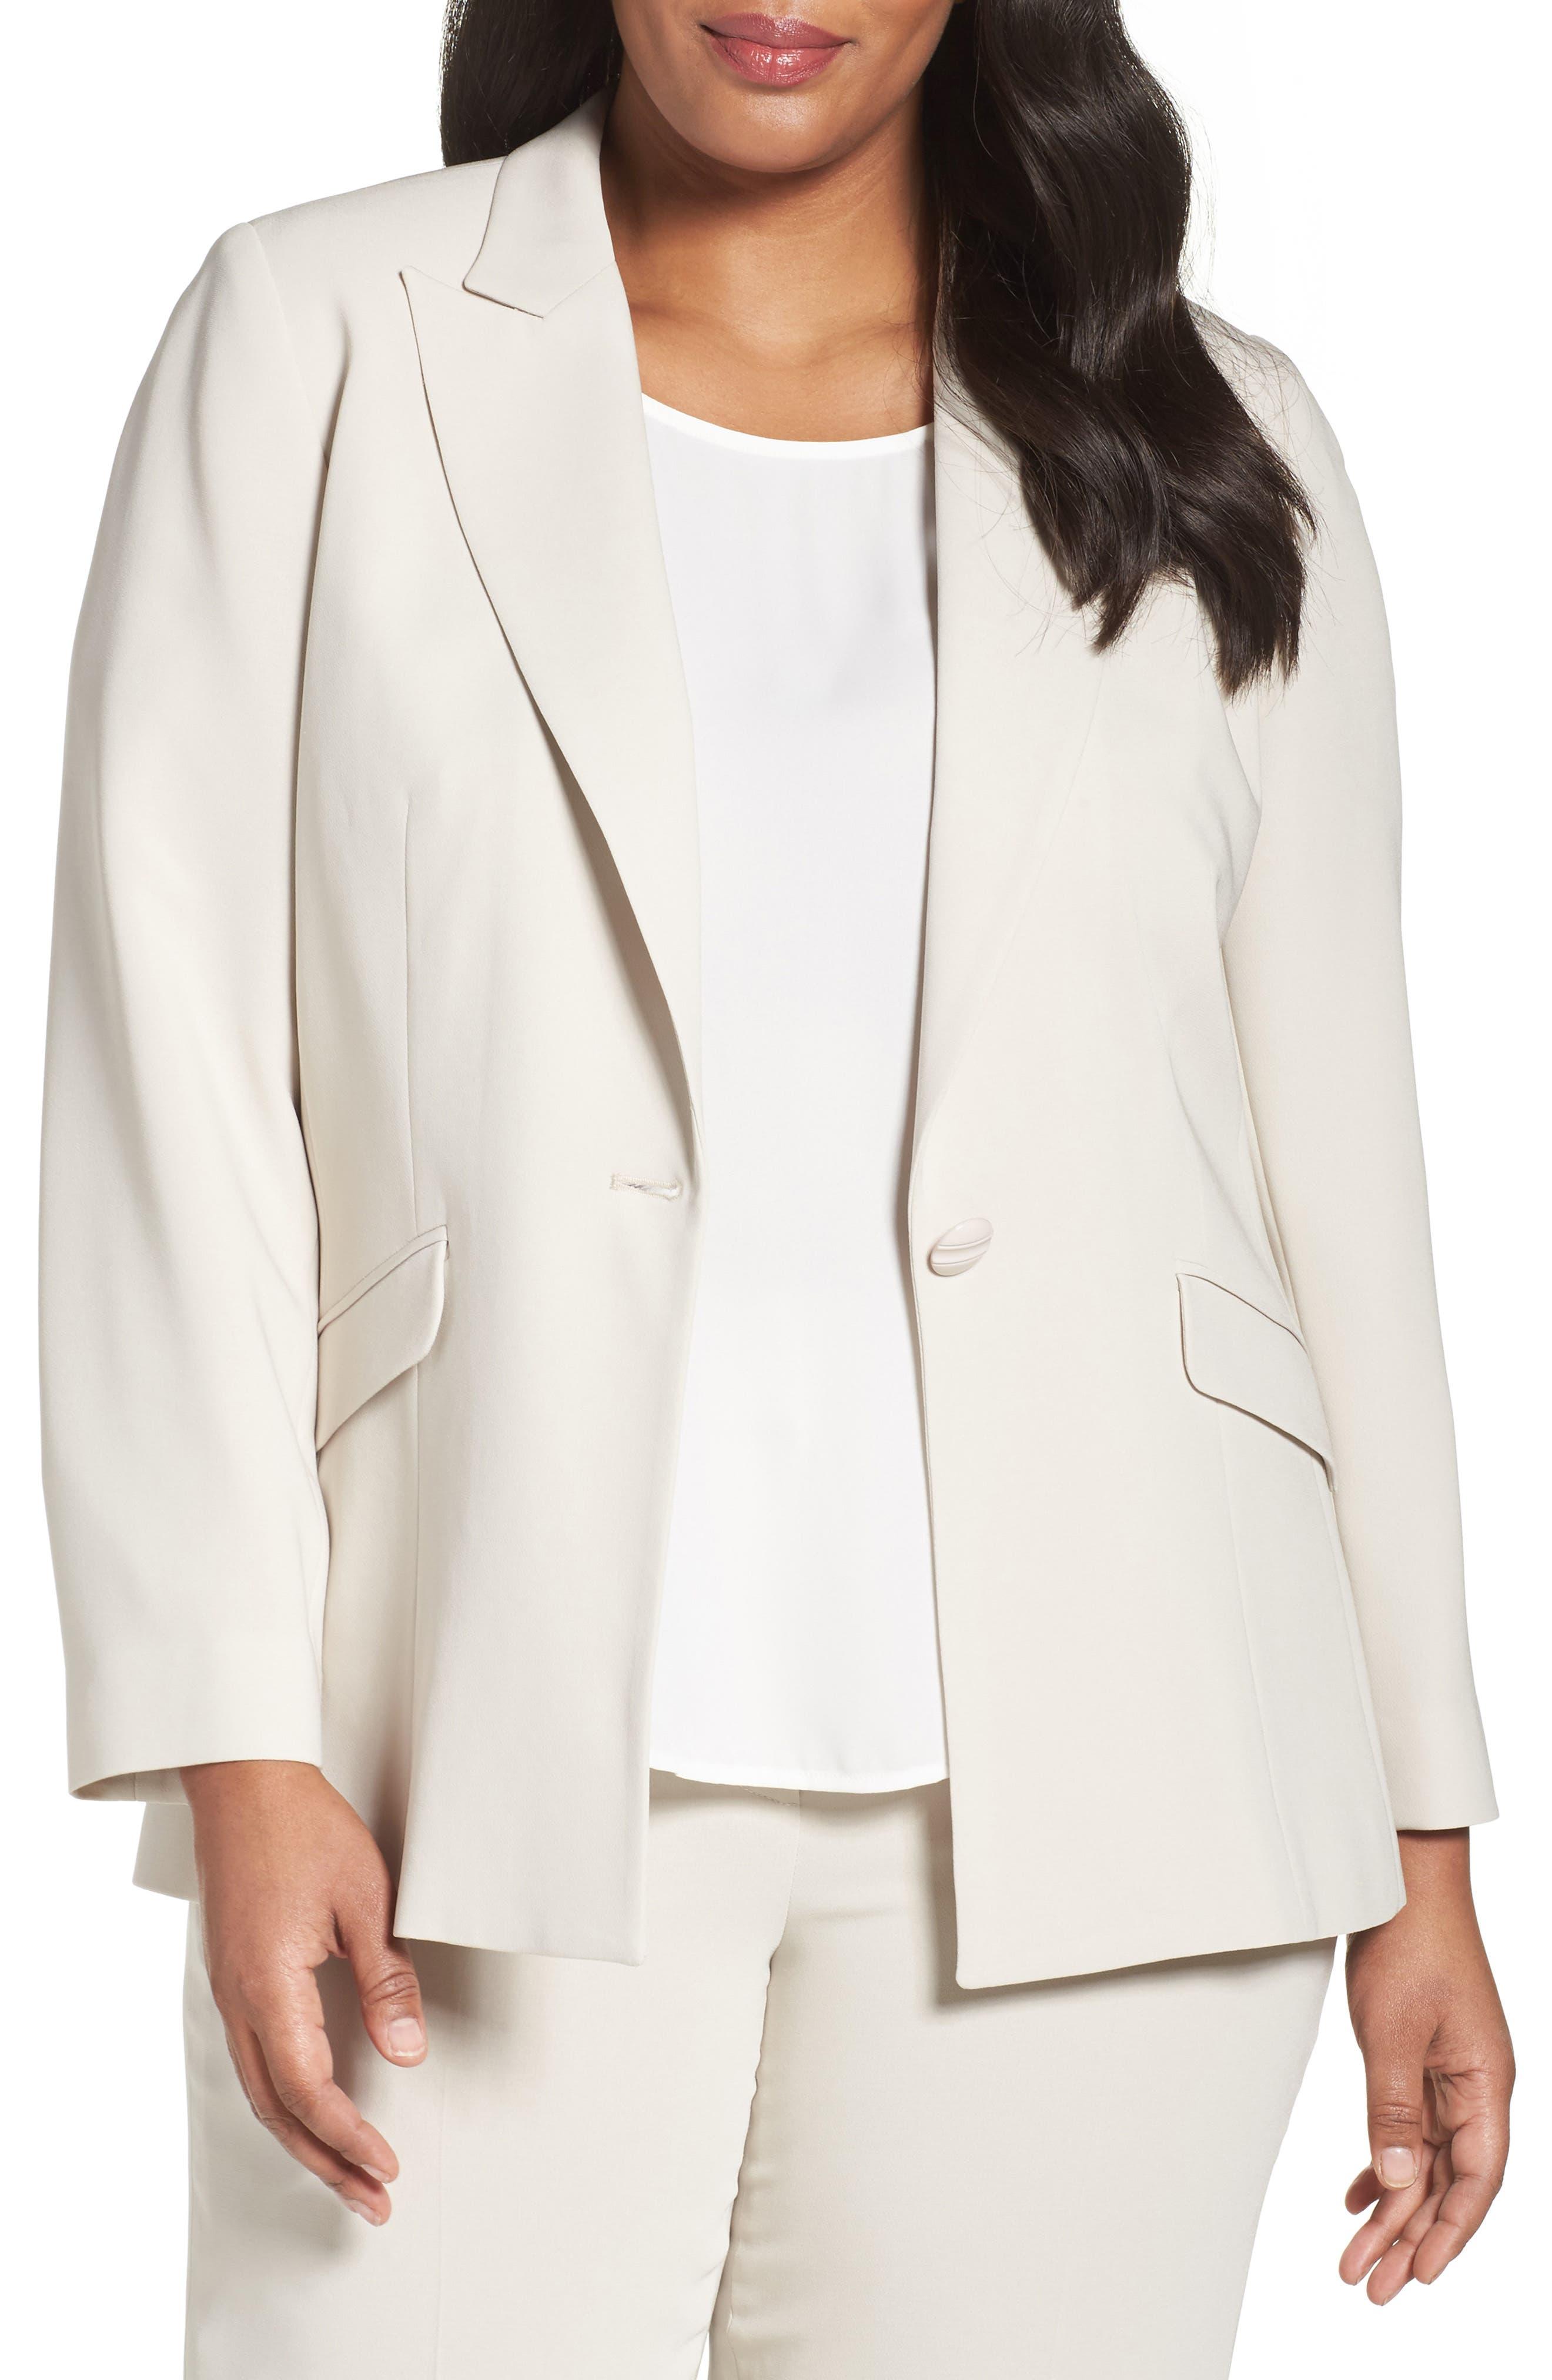 LOUBEN Peak Lapel Suit Jacket